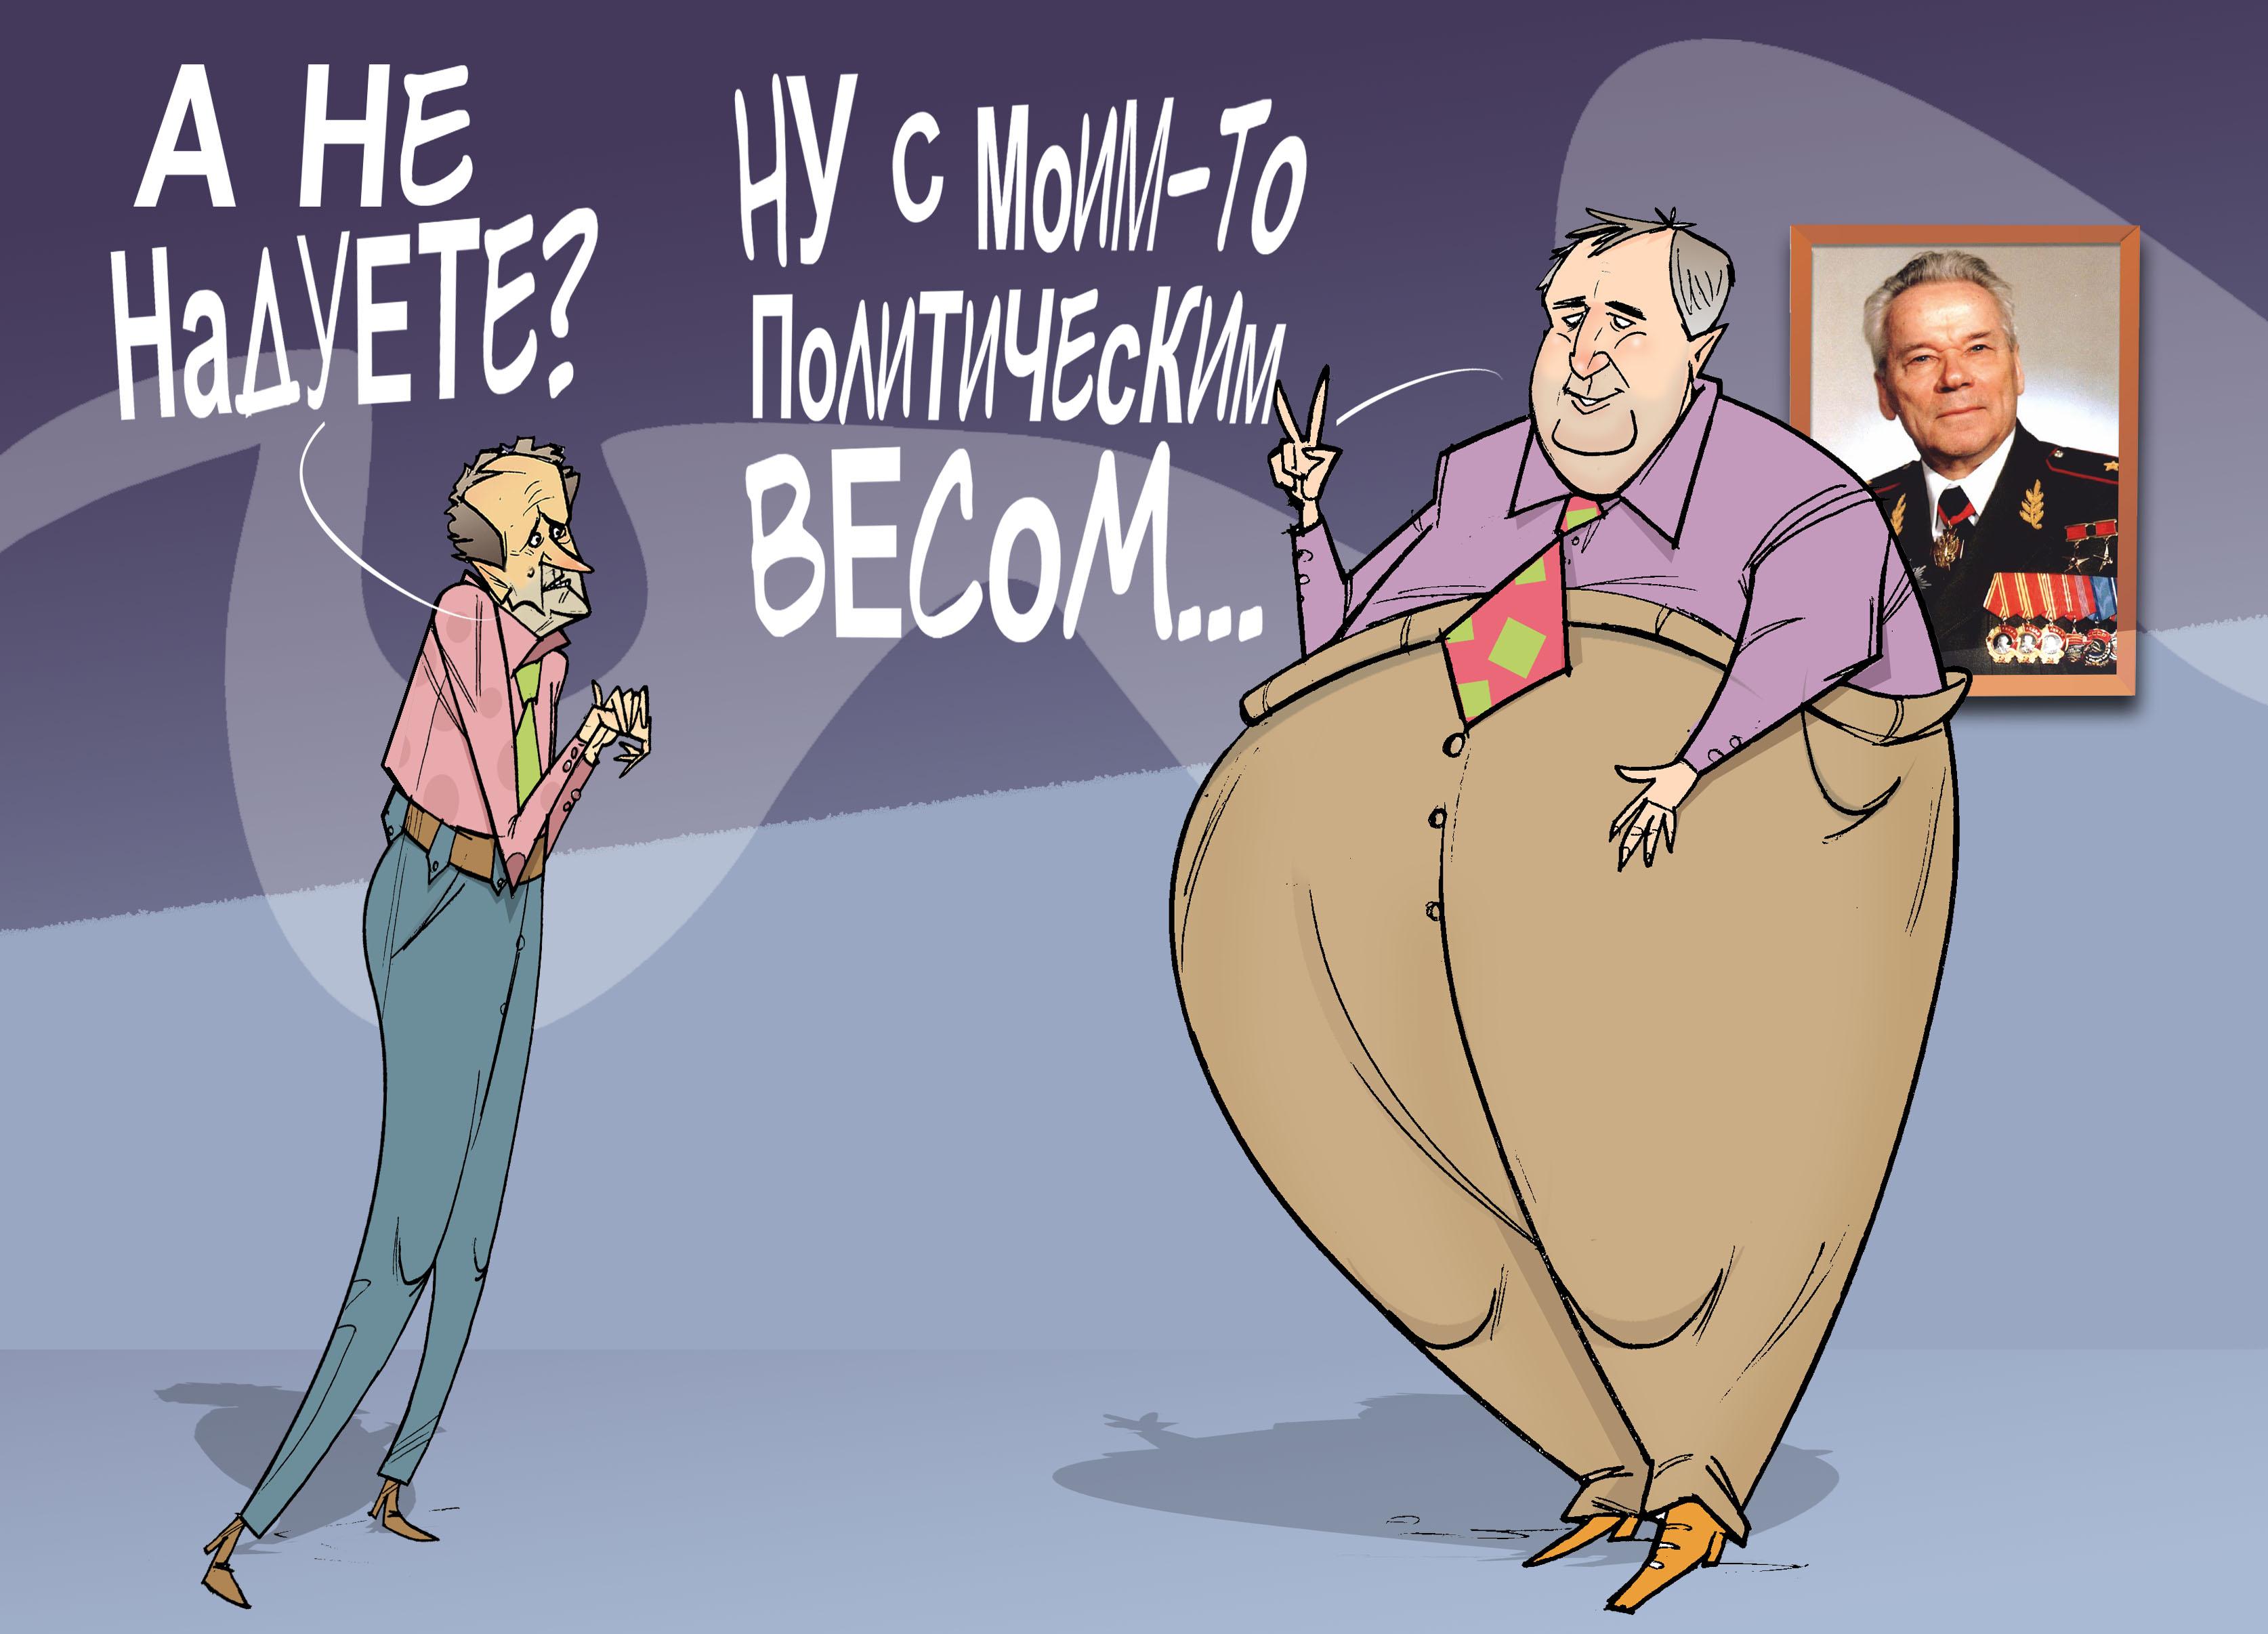 """Тяжеловес. А не надуете? #ПрезидентУР #Волков #Рогозин #Калашников © Газета """"День"""" 2013"""